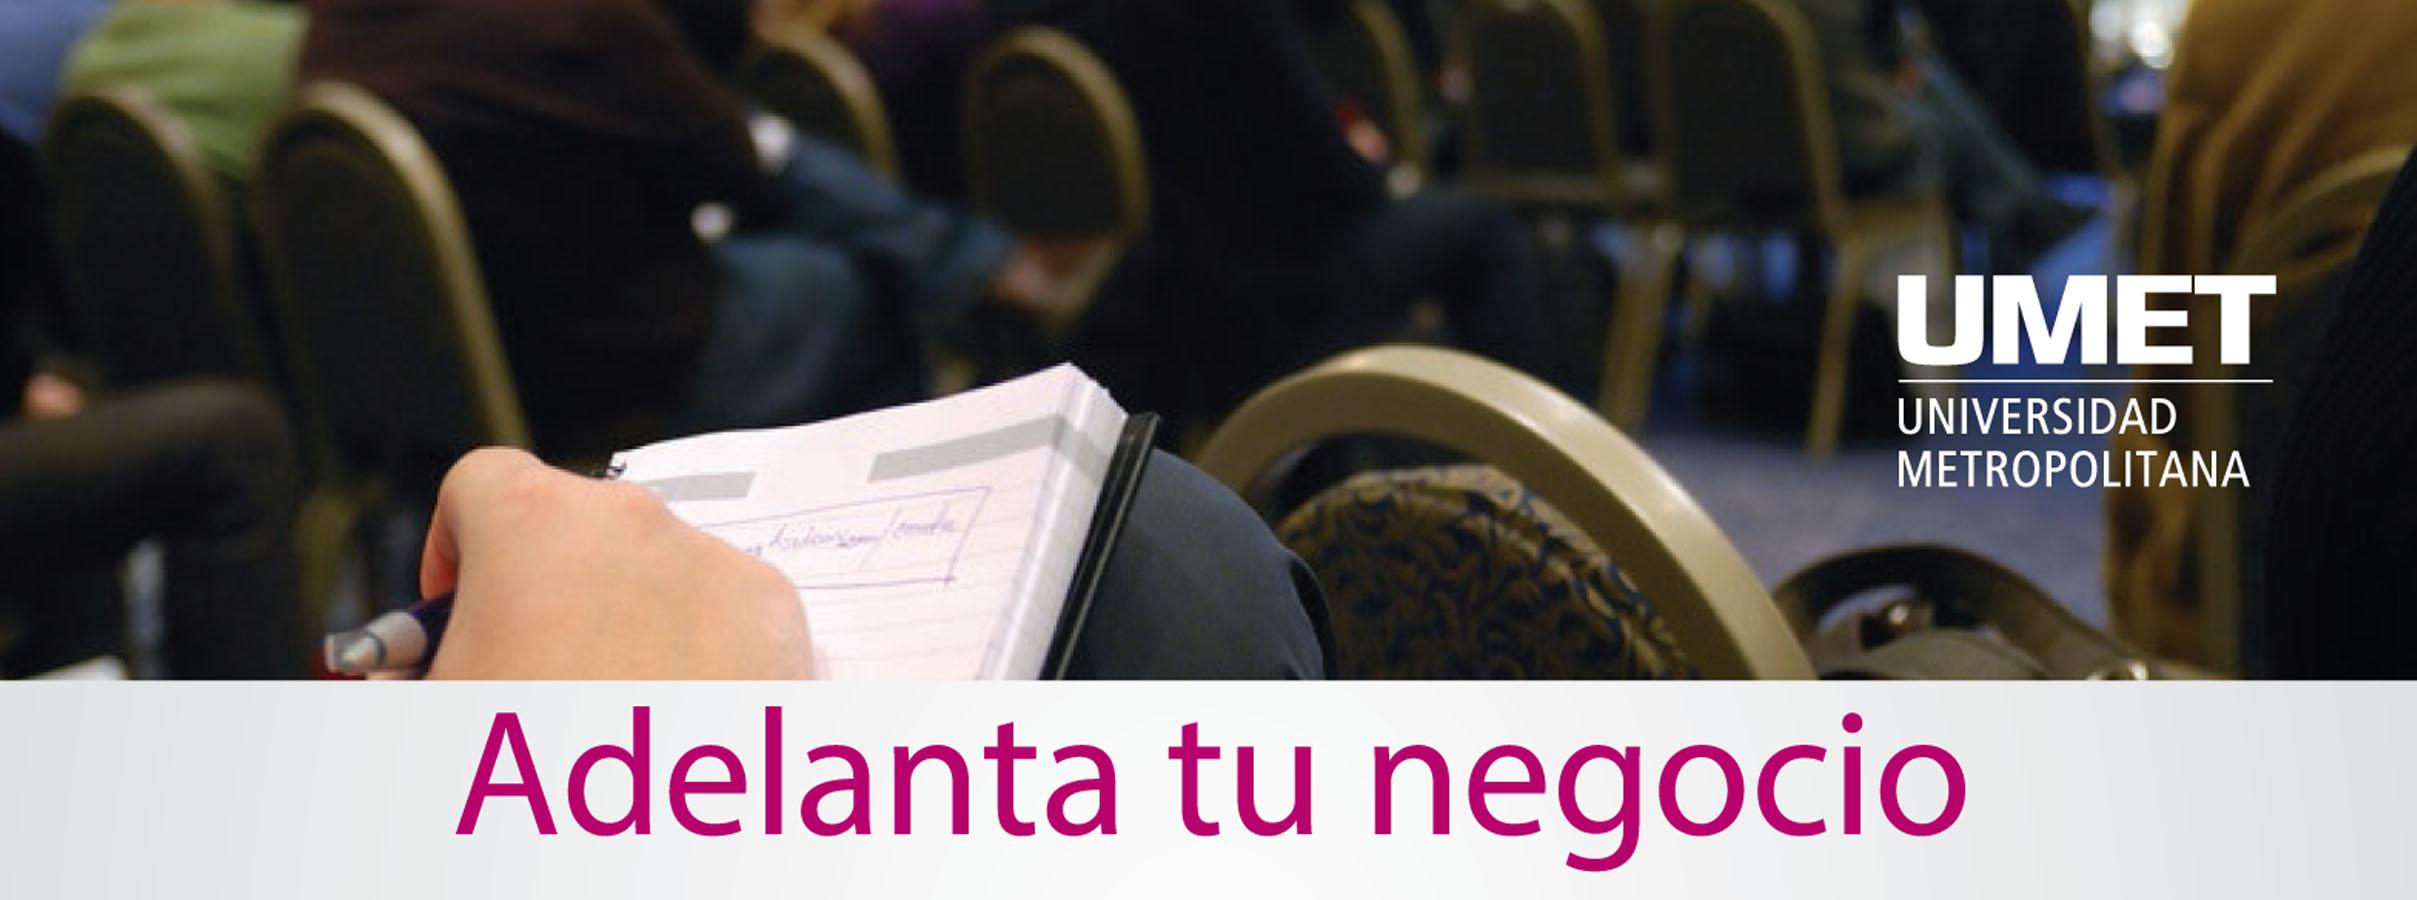 Bayamón y el Sistema Universitario Ana G. Méndez Brindan Programa de Alianzas Vecinales Somos Uno